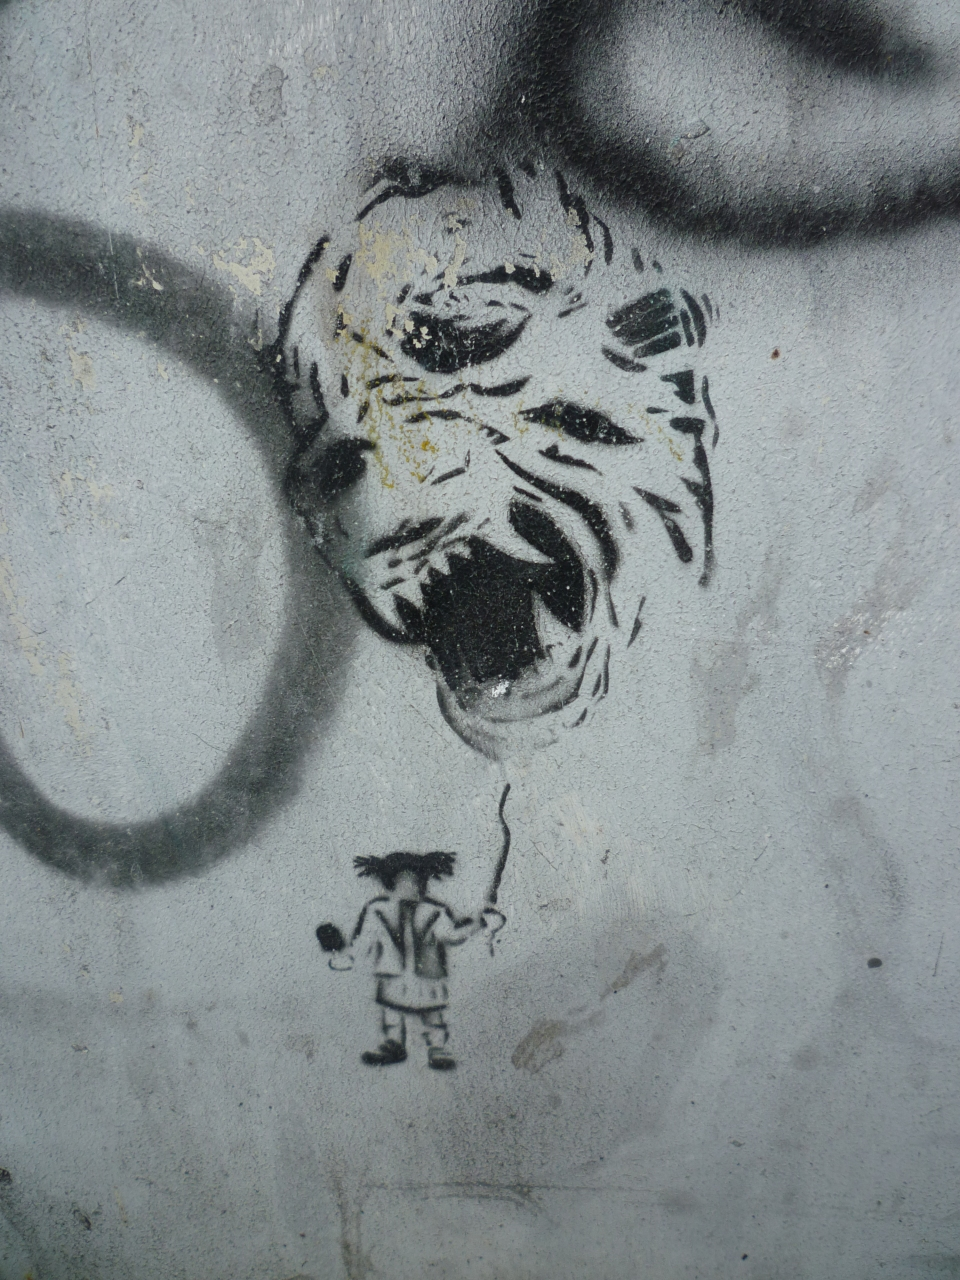 fangs in Canterbury